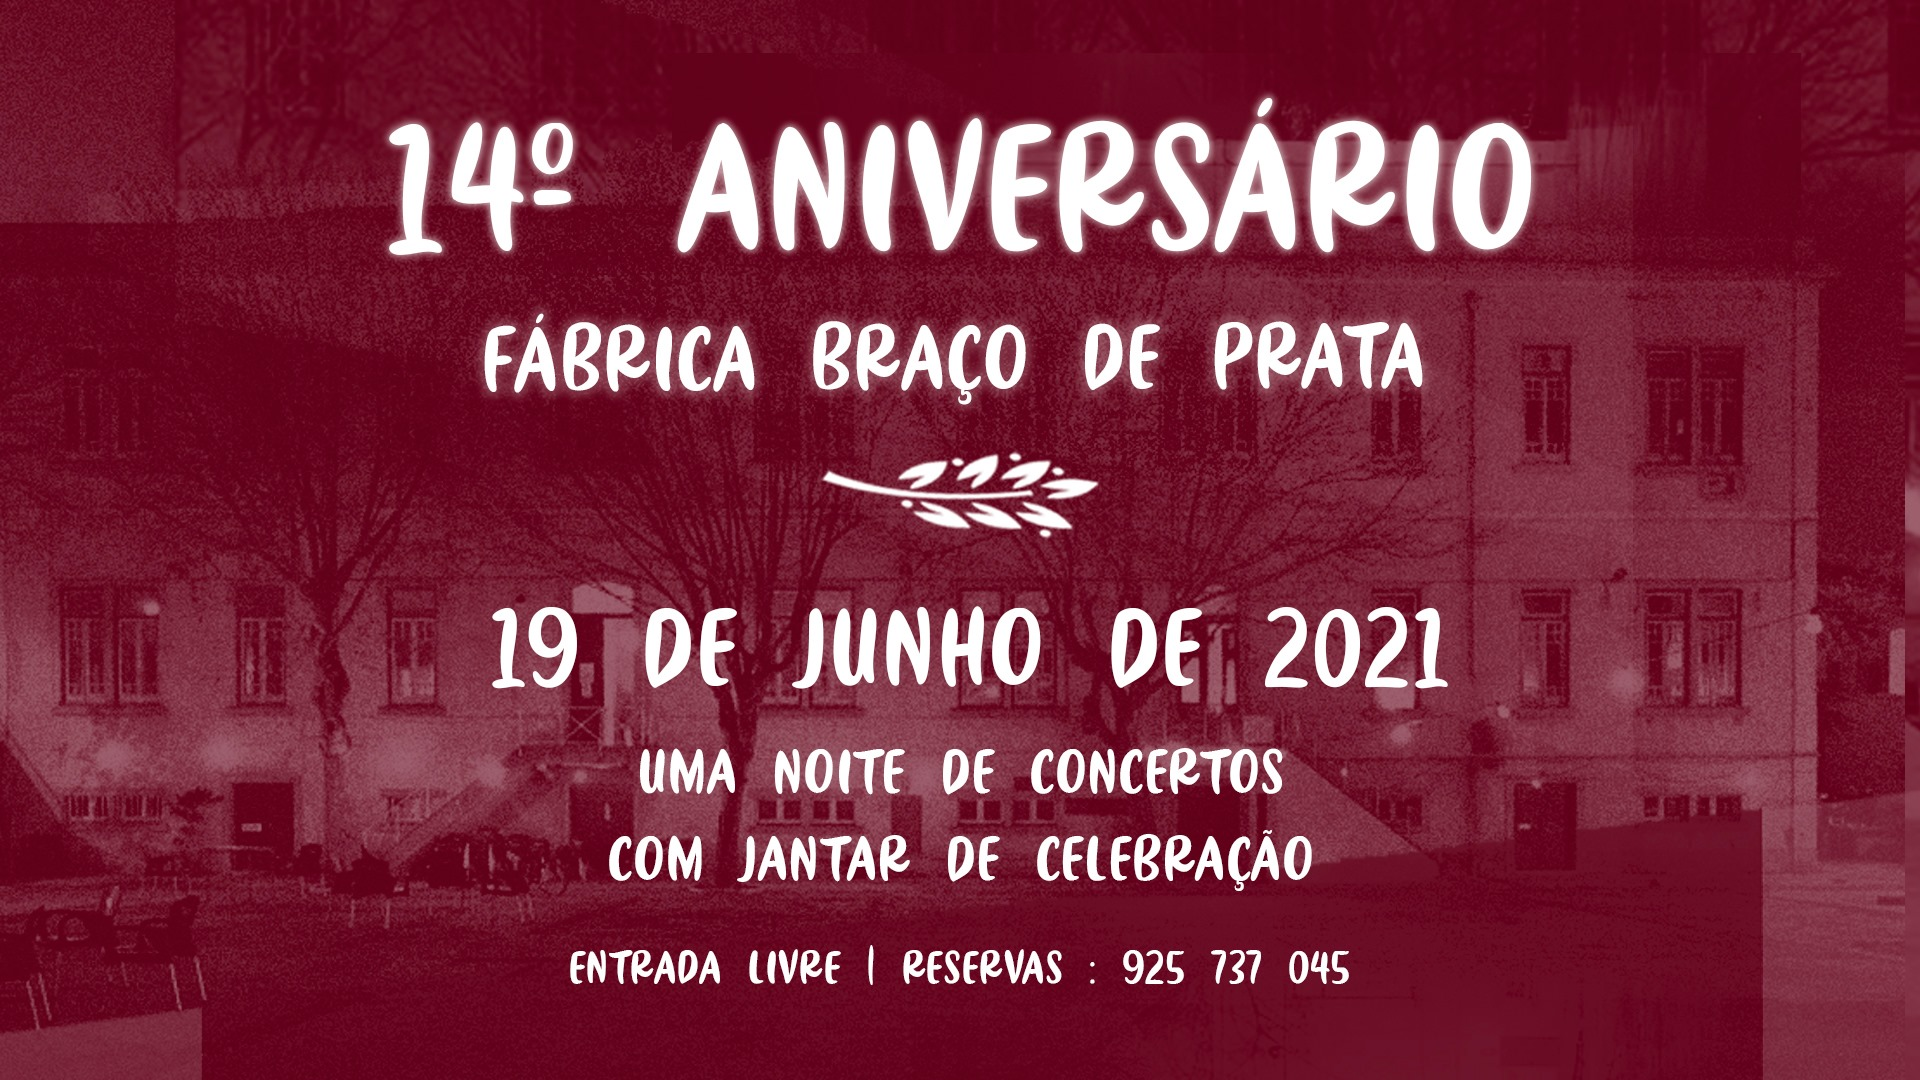 14º aniversário Fábrica Braço de Prata